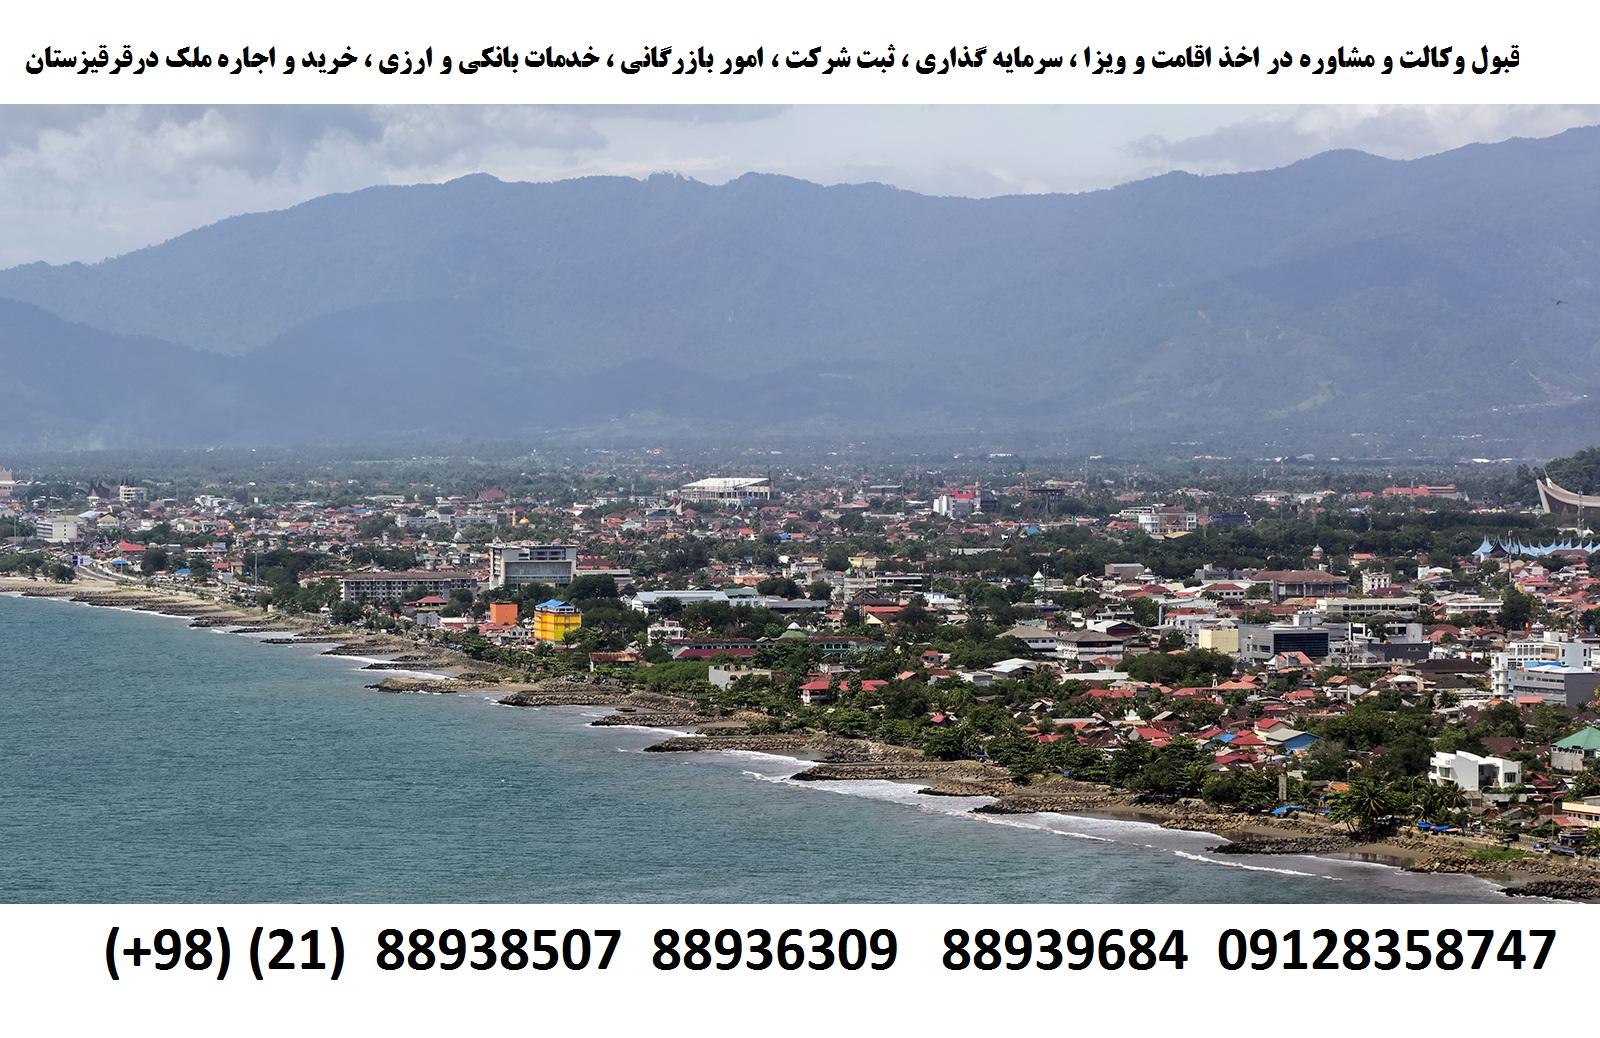 اقامت ، ویزا ، ثبت شرکت ، سرمایه گذاری در قرقیزستان (6)